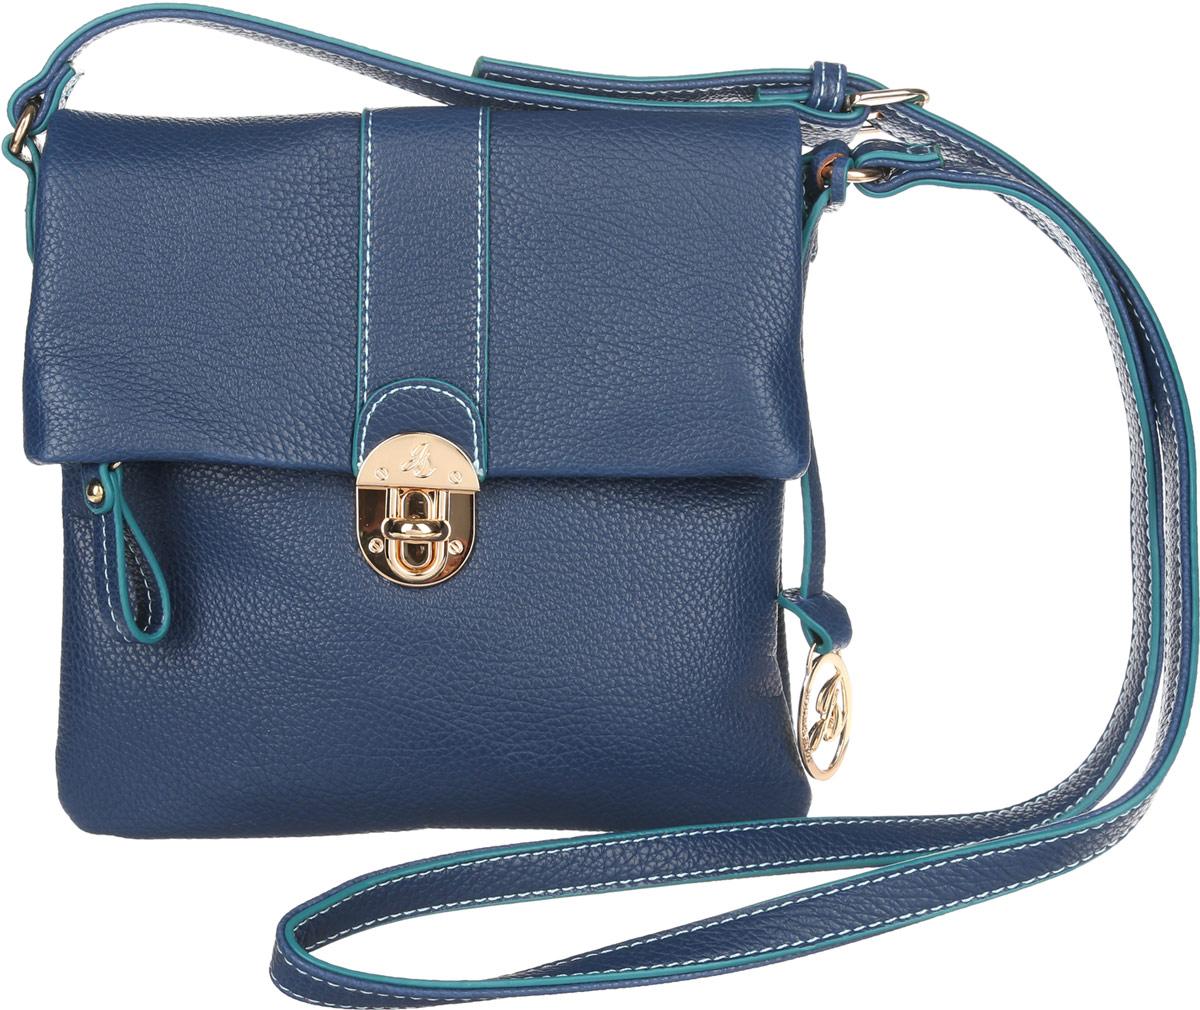 Сумка кросс-боди женская Jane Shilton, цвет: синий. 20452045navyСтильная сумка кросс-боди Jane Shilton выполнена из искусственной кожи с зернистой фактурой, оформлена декоративной подвеской и металлической фурнитурой с гравировкой в виде символики бренда. Изделие содержит одно отделение, закрывающееся на застежку-молнию и дополнительно клапаном на замок-вертушку. Внутри сумки размещены накладной кармашек для телефона и врезной карман на застежке-молнии. Снаружи, под клапаном, расположен накладной карман. Сумка оснащена практичным плечевым ремнем регулируемой длины. Модная сумка идеально подчеркнет ваш неповторимый стиль.